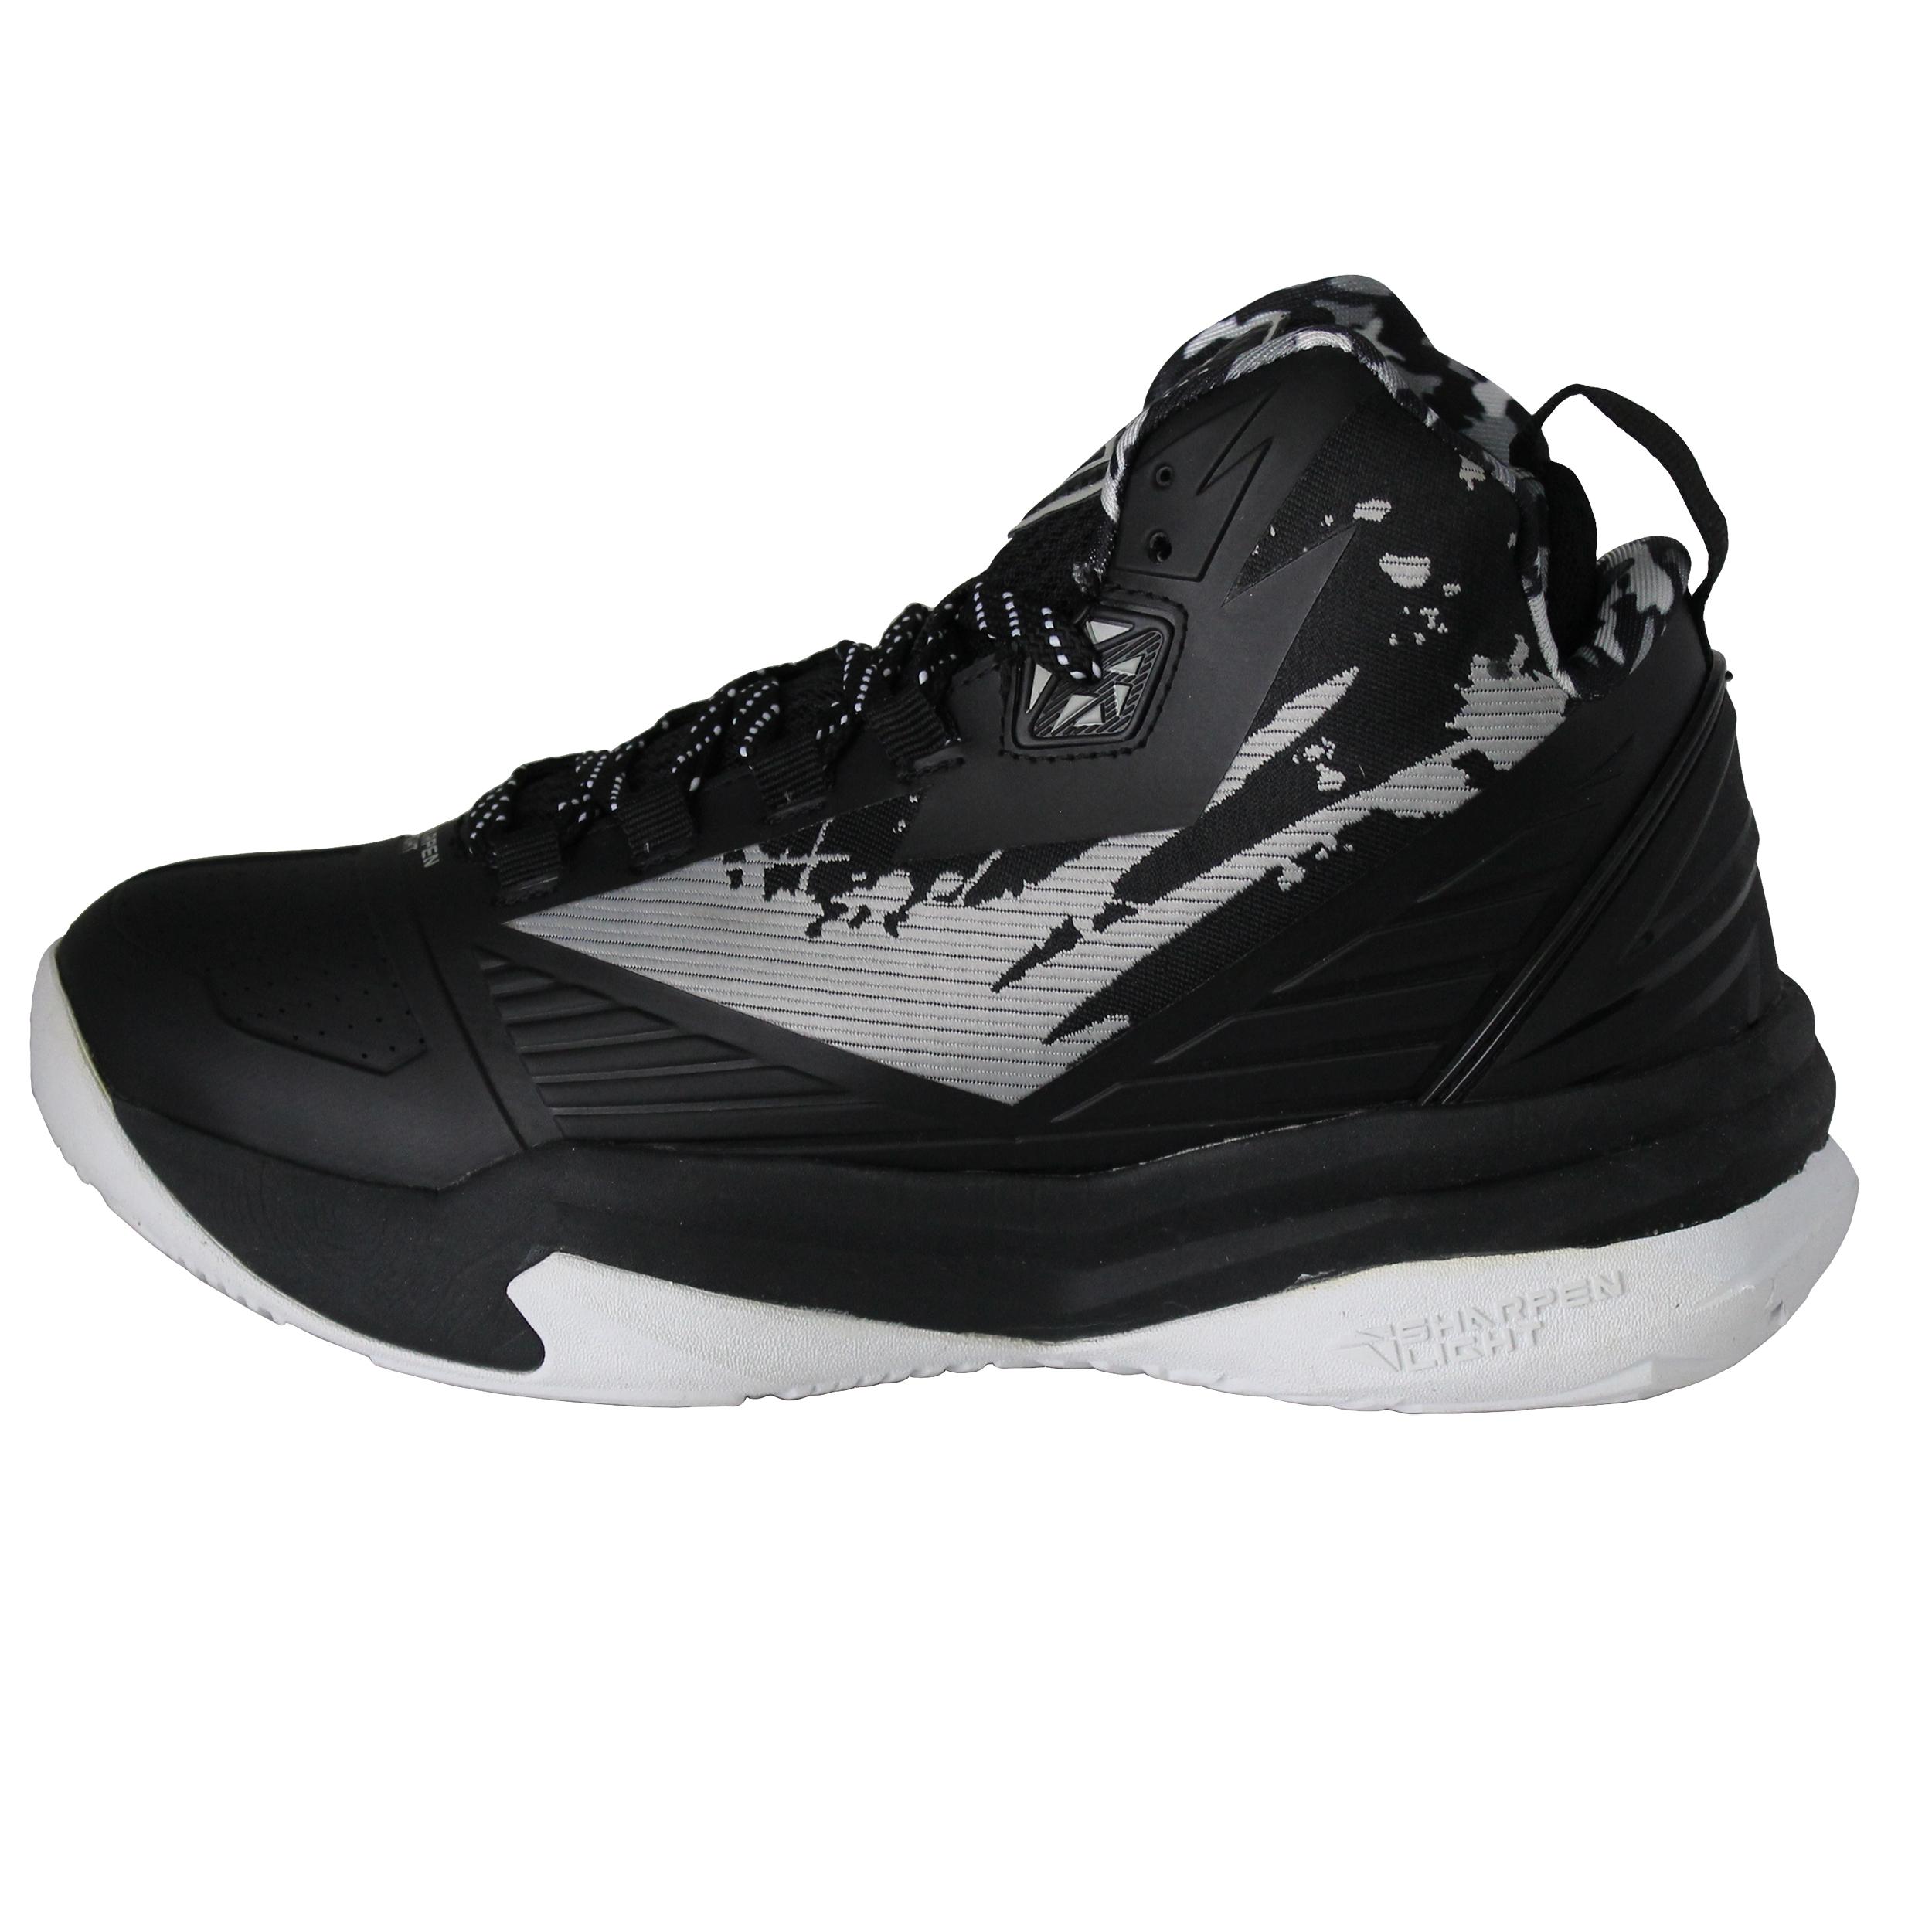 کفش بسکتبال مردانه سی بی ای مدل sharpen light